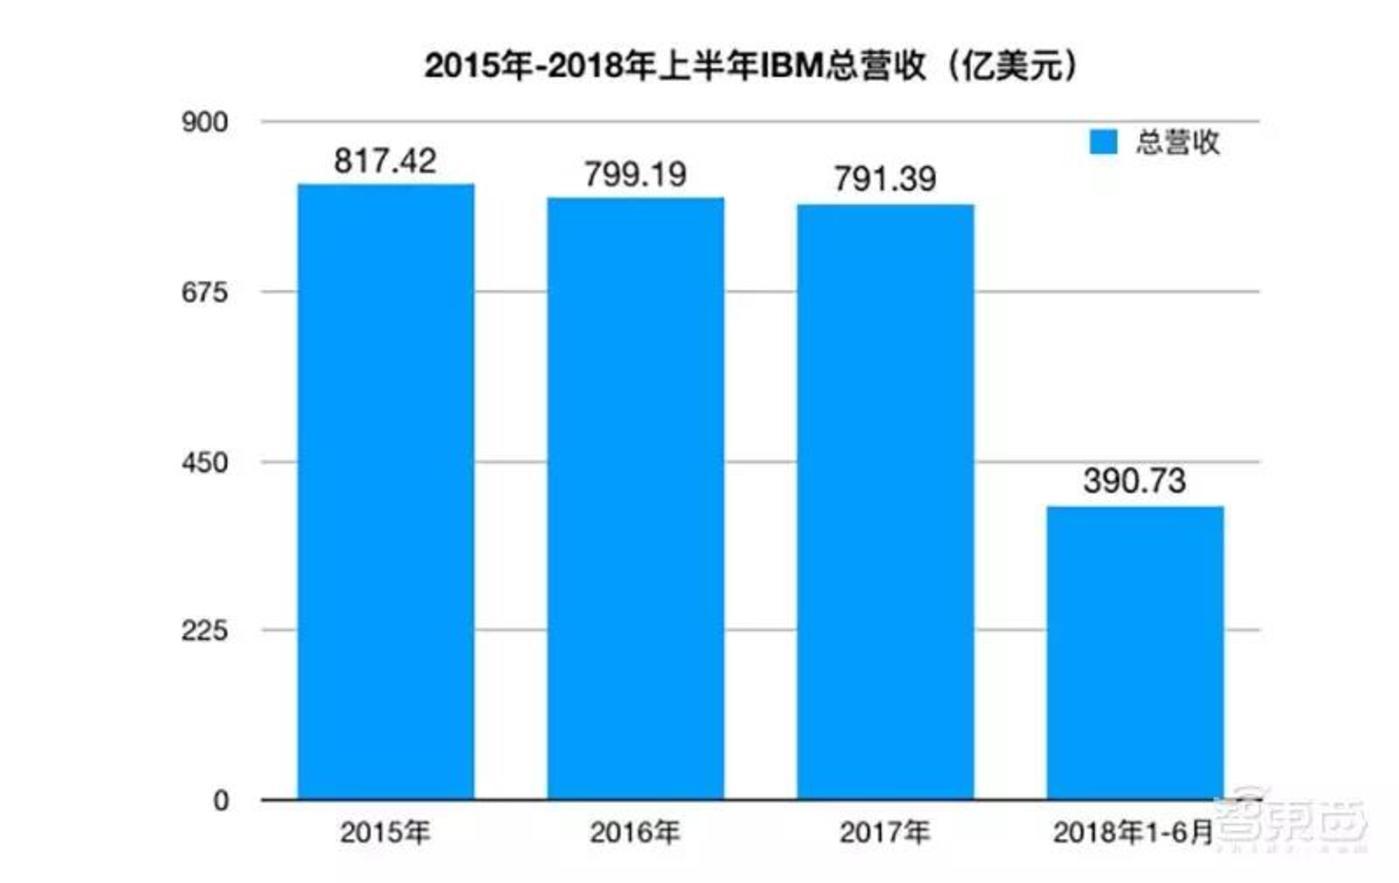 2015年-2018年上半年IBM总营收变化